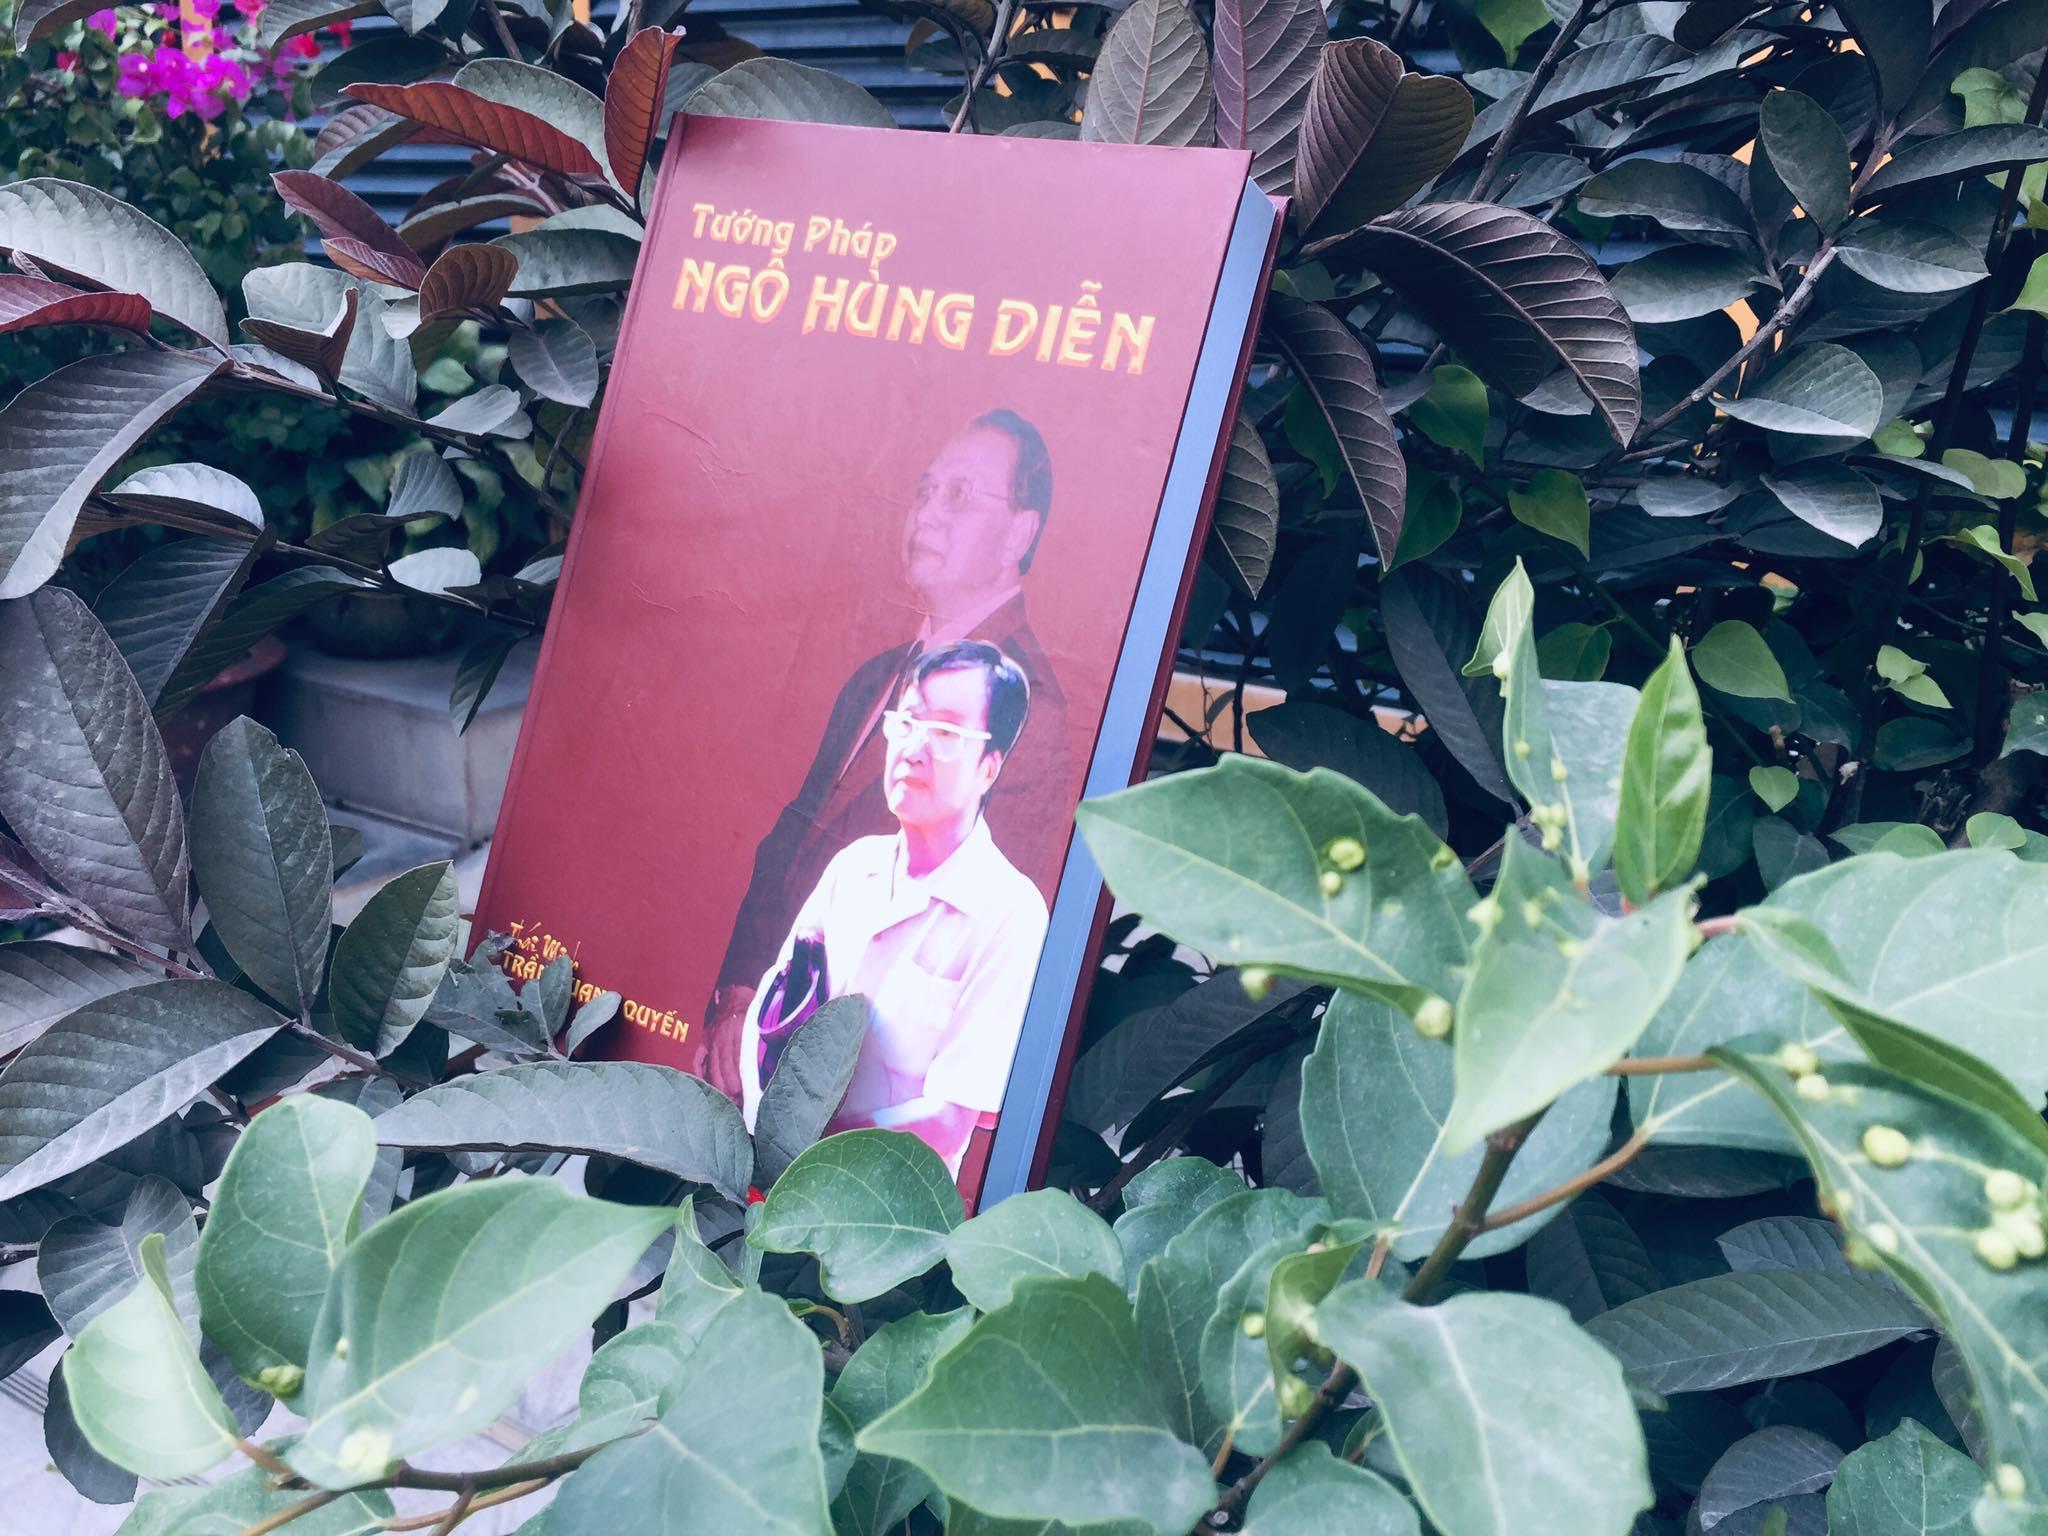 Tướng Pháp Ngô Hùng Diễn - Trần Quang Quyến - Một Tác Phẩm Kinh điển Về Xem Tướng Của Một   THẦN TƯỚNG  Người Việt Giá Giảm